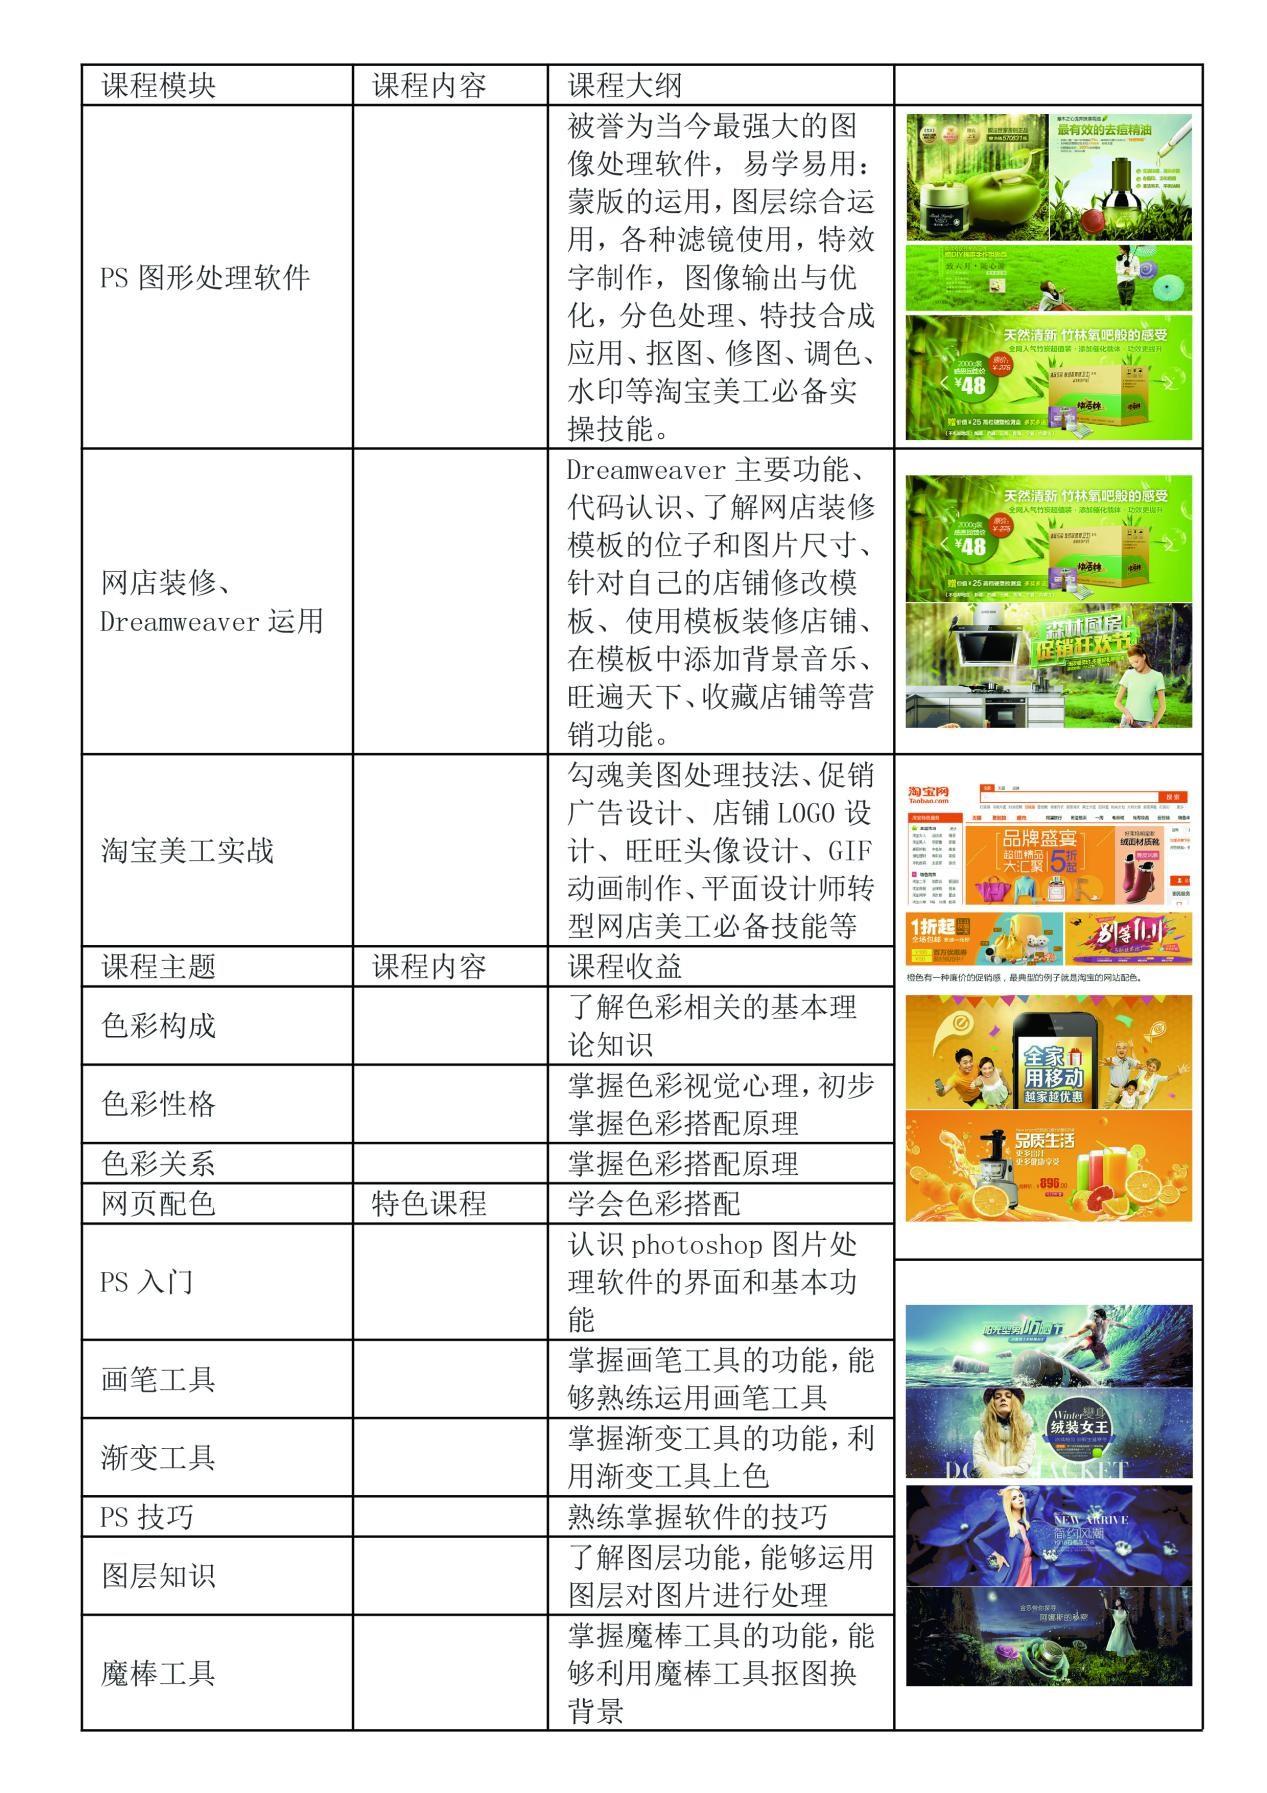 广州平面设计培训学校